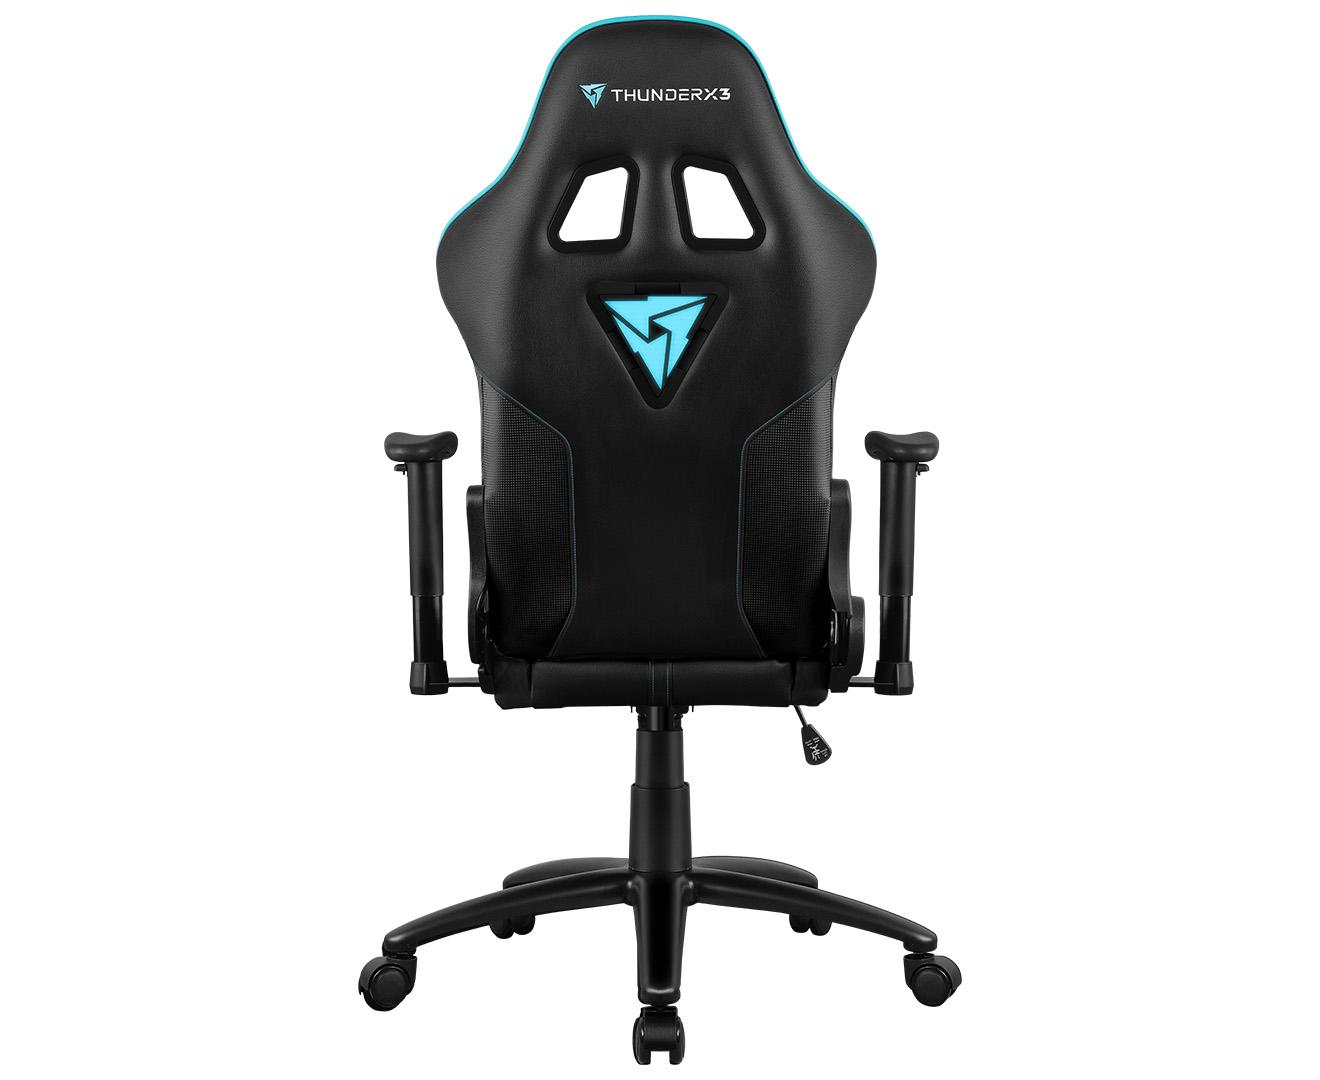 Thunderx3 Rc3 Hex Rgb Lighting Gaming Chair Black Cyan